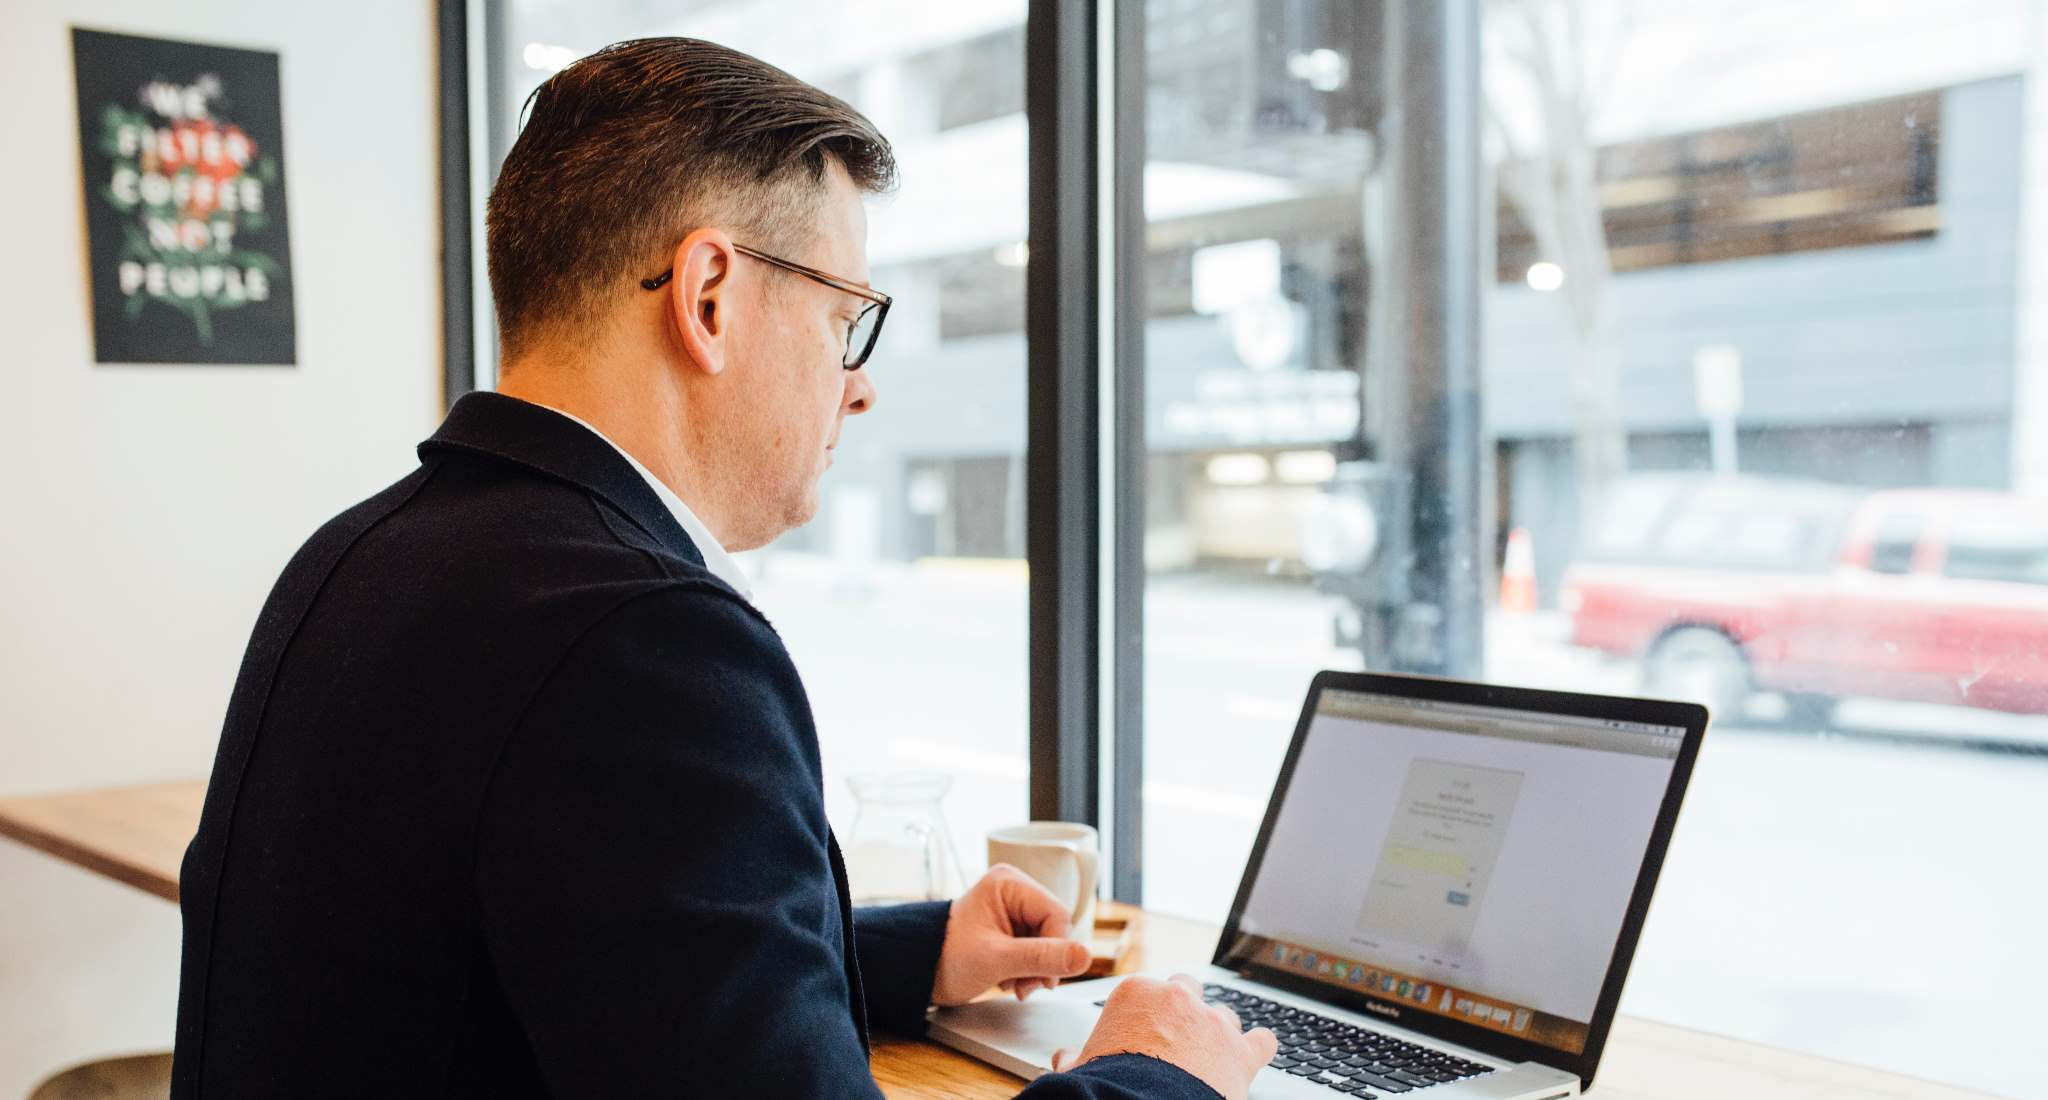 5 LinkedIn-tips: Hva er viktigst når du ønsker B2B-leads og salg?